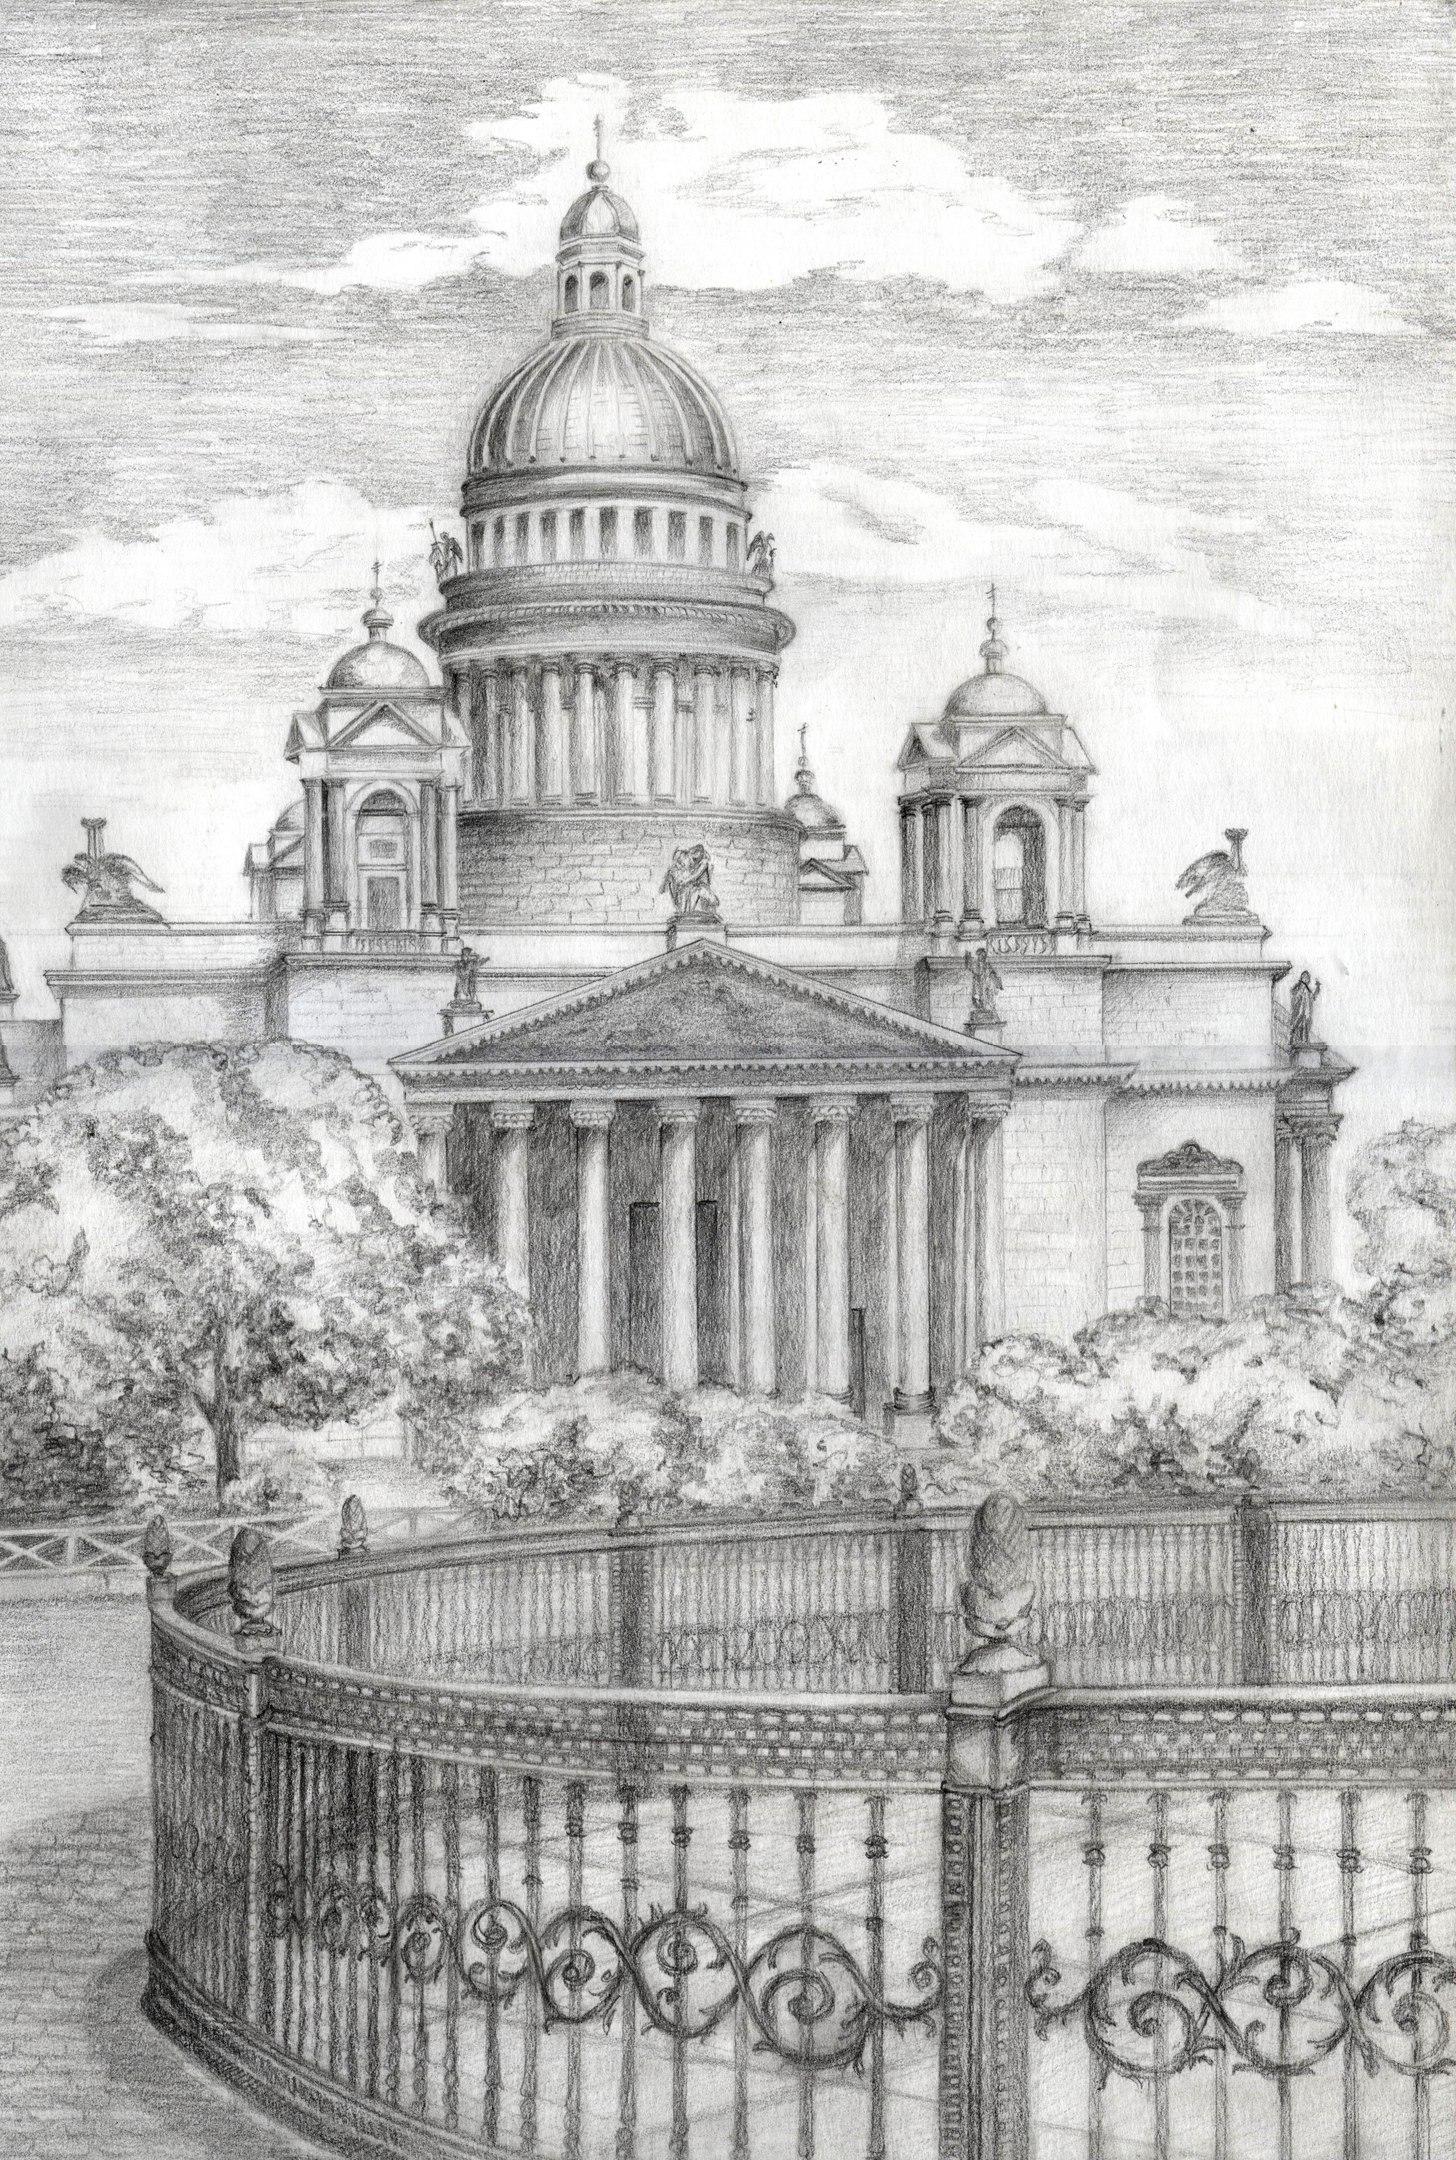 картинки санкт-петербурга хорошего качества карандашом голубоглазые